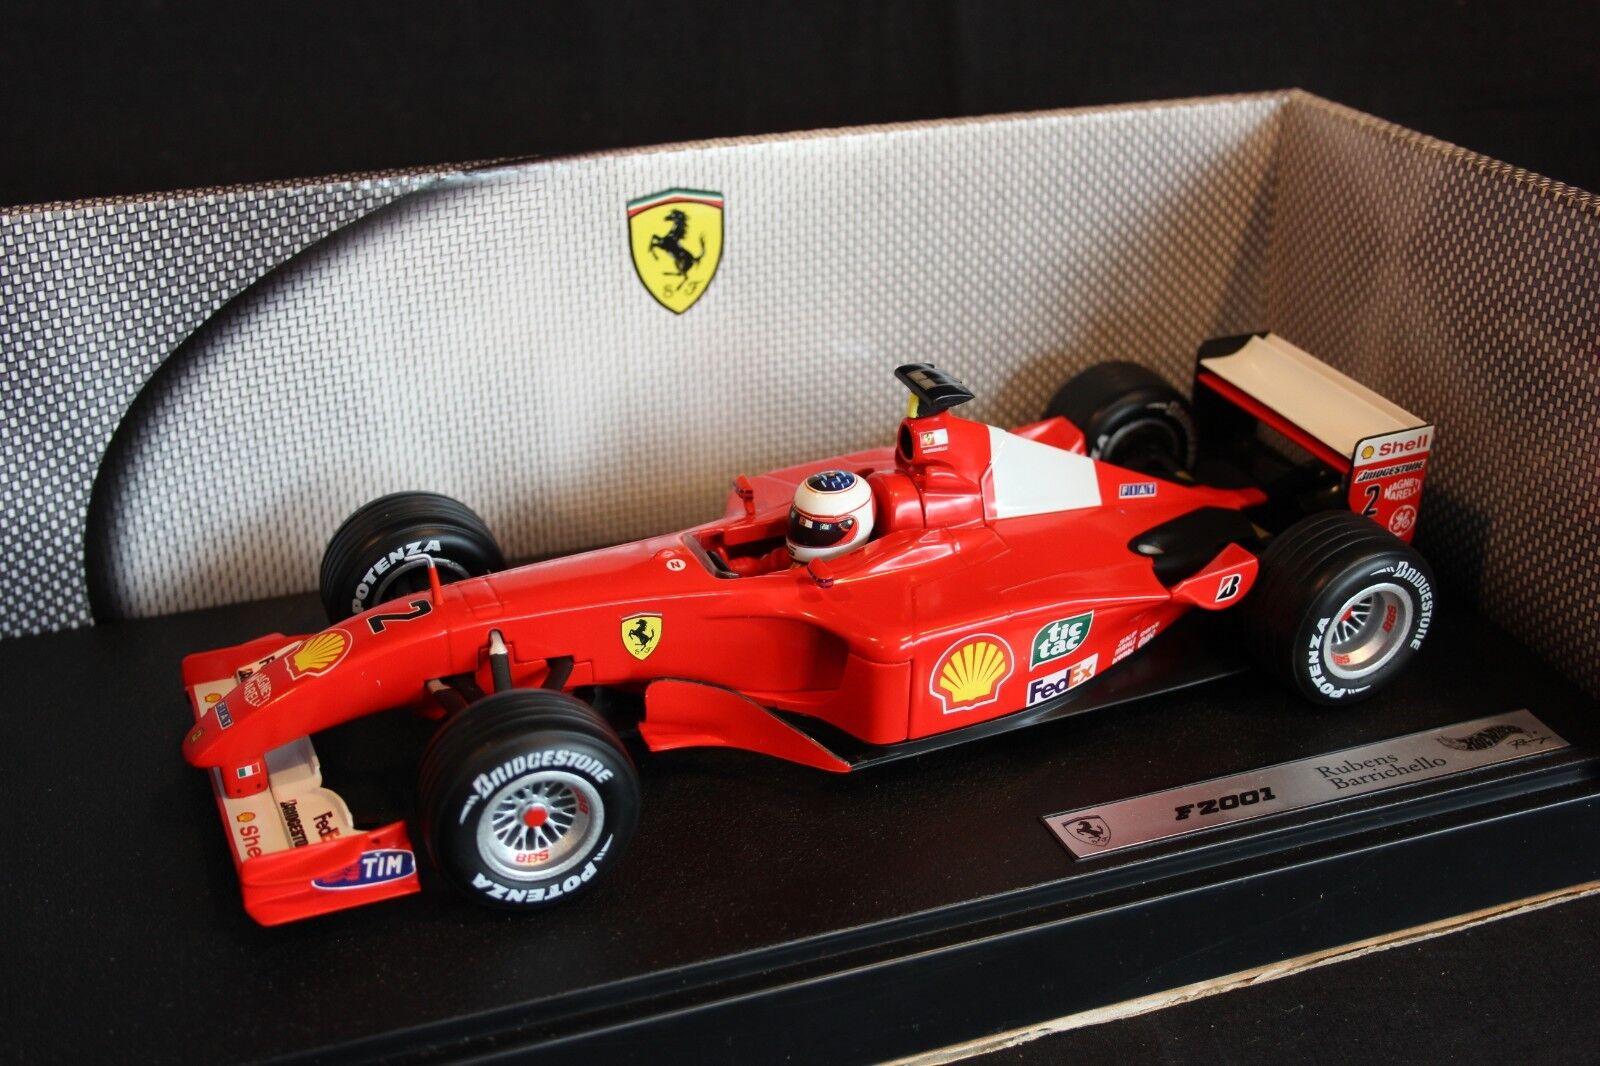 Hot Wheels Ferrari F2001 2001 1:18  2 Rubens Barrichello  BRA